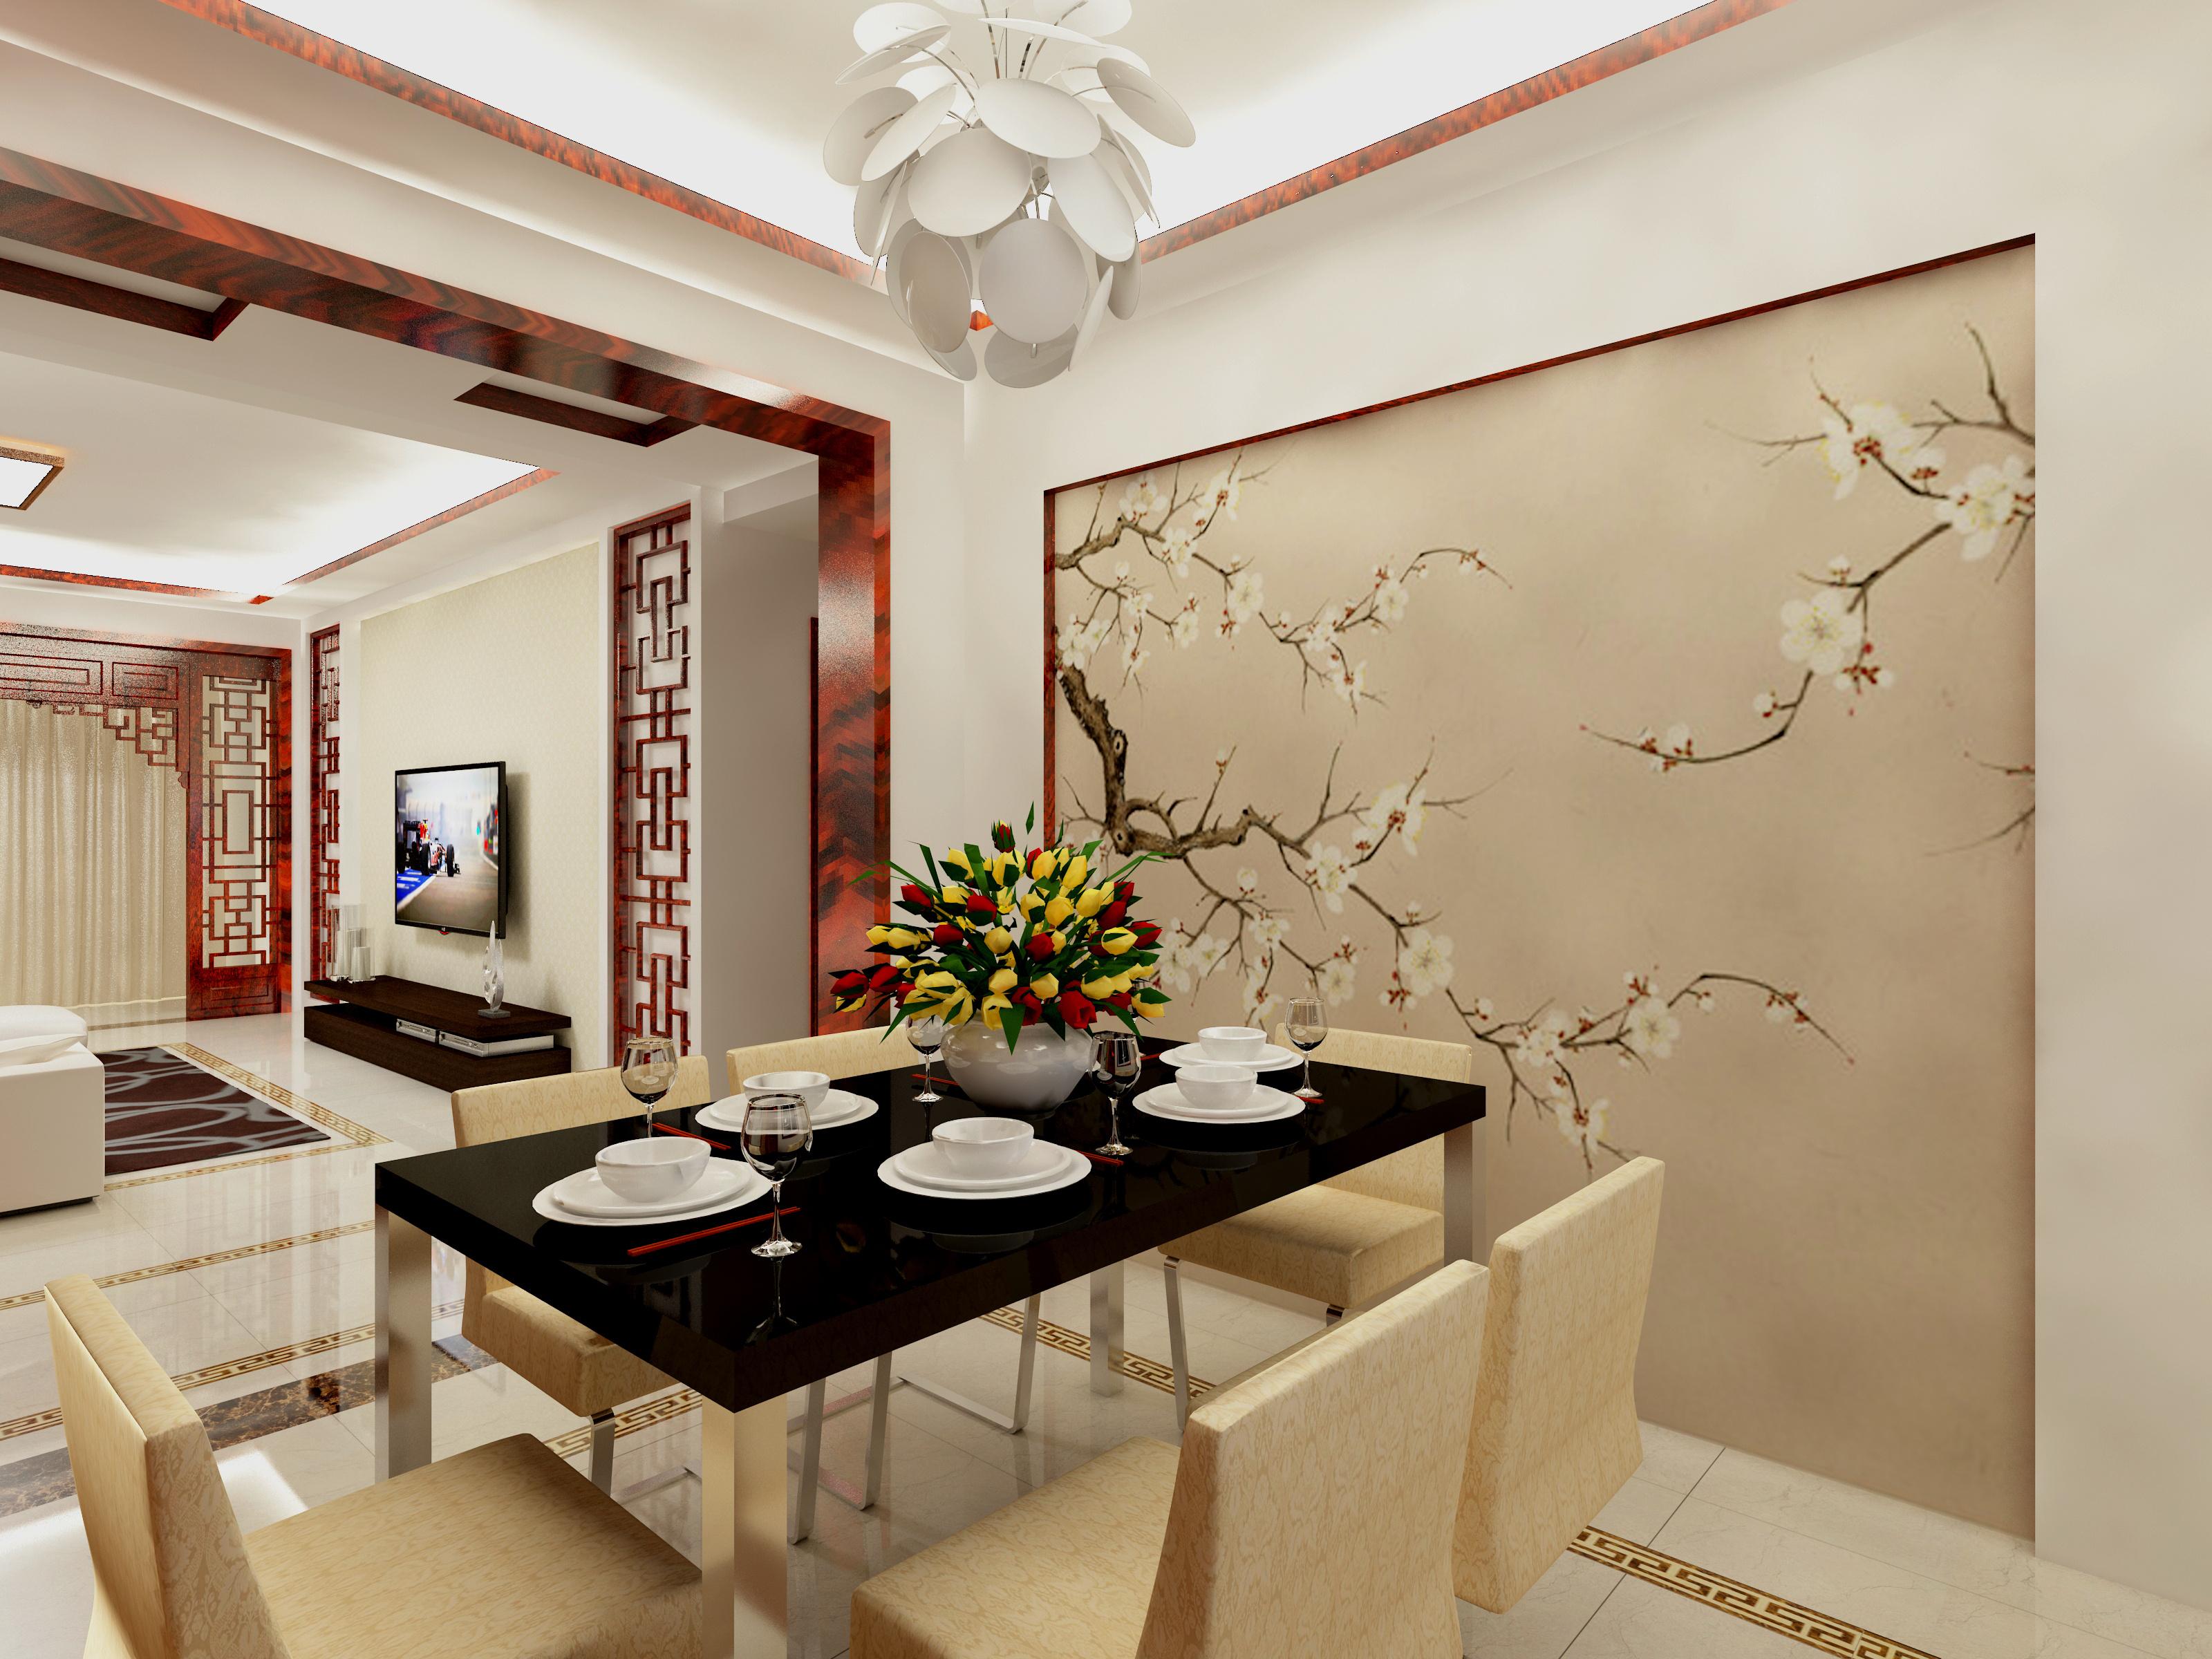 新中式装修设计效果图|空间|室内设计|路飞的飞